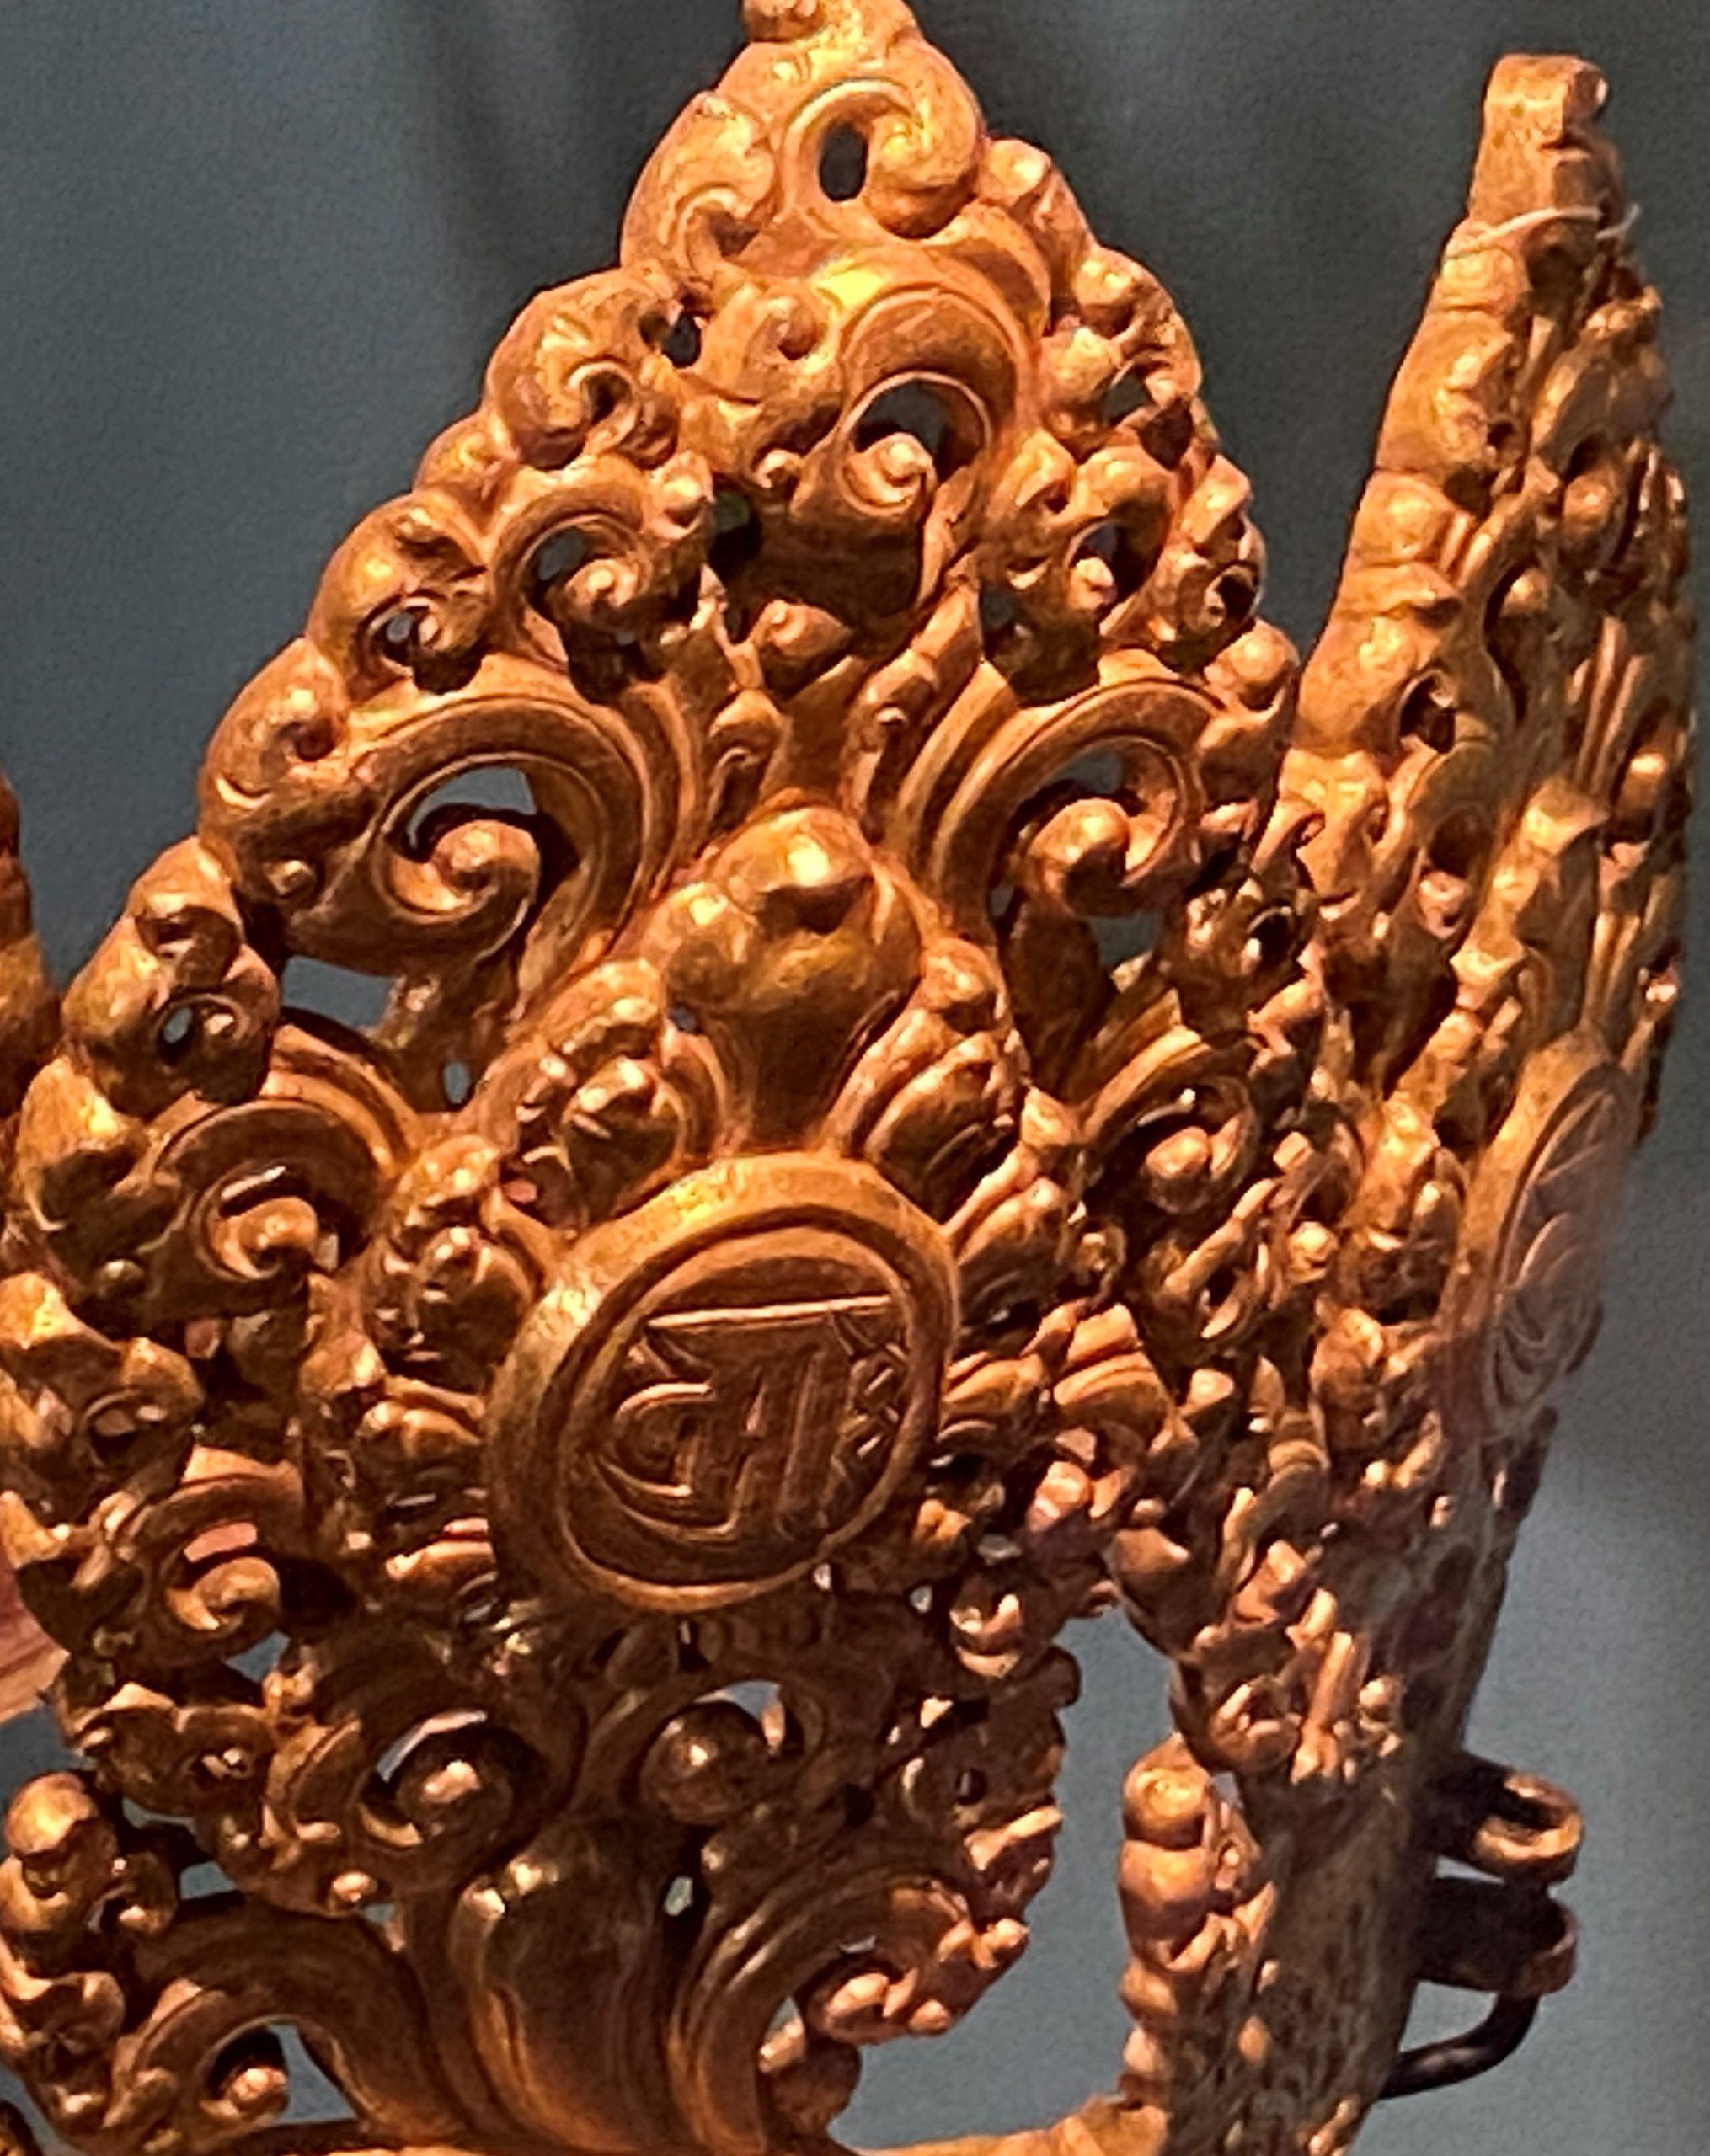 銅鎏金五葉冠-特別展【七宝玲瓏-ヒマラヤからの芸術珍品】-金沙遺跡博物館-成都